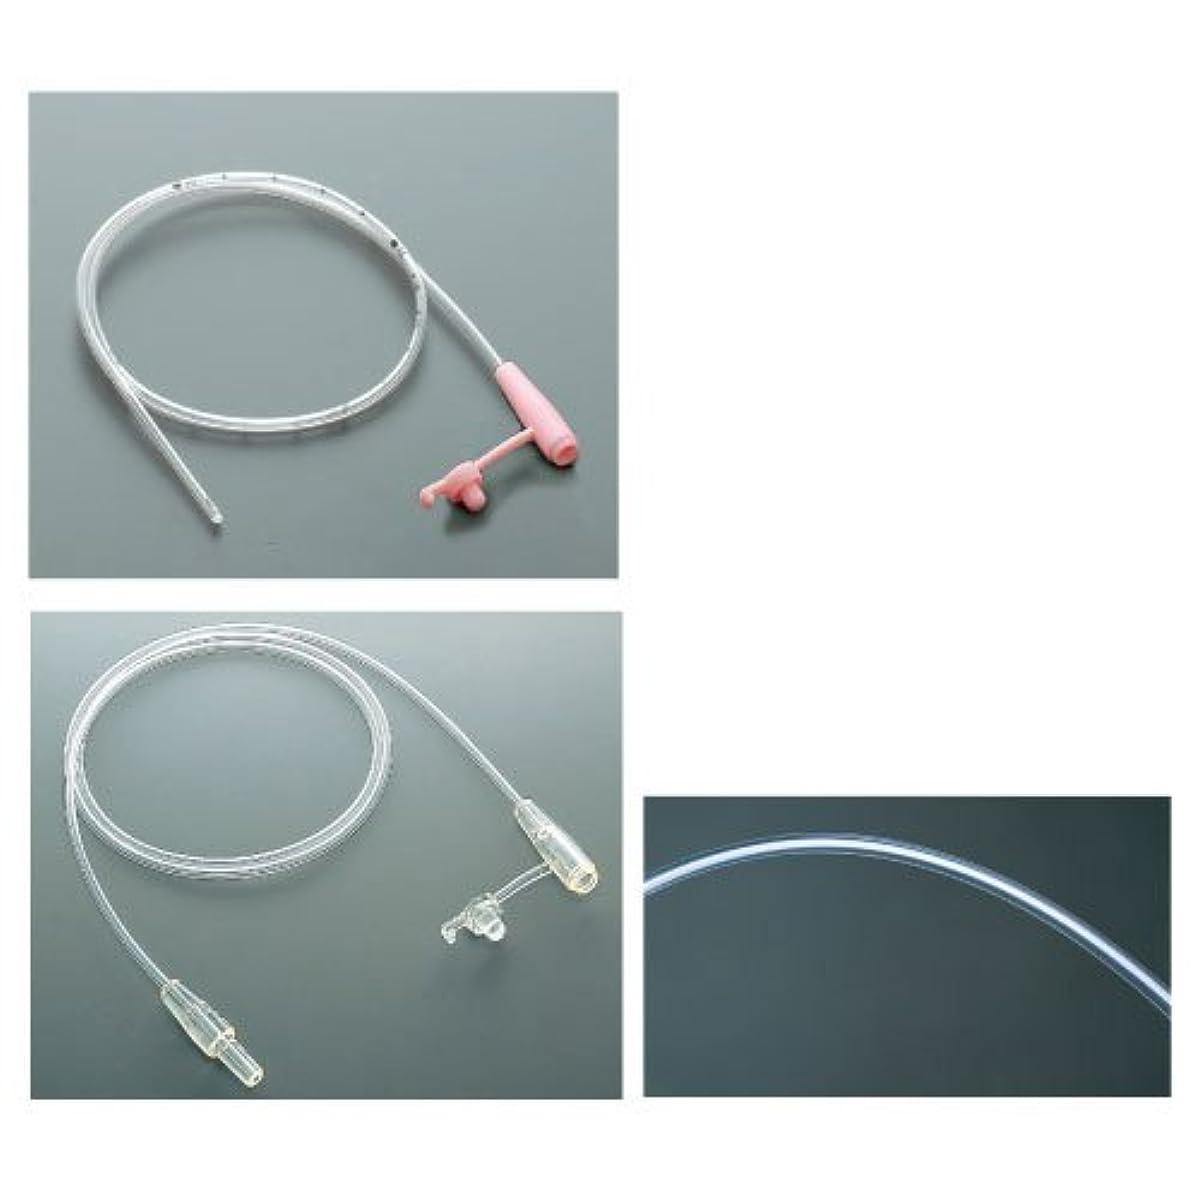 必需品使用法煙アトム栄養カテーテル 43006(6FR)100入